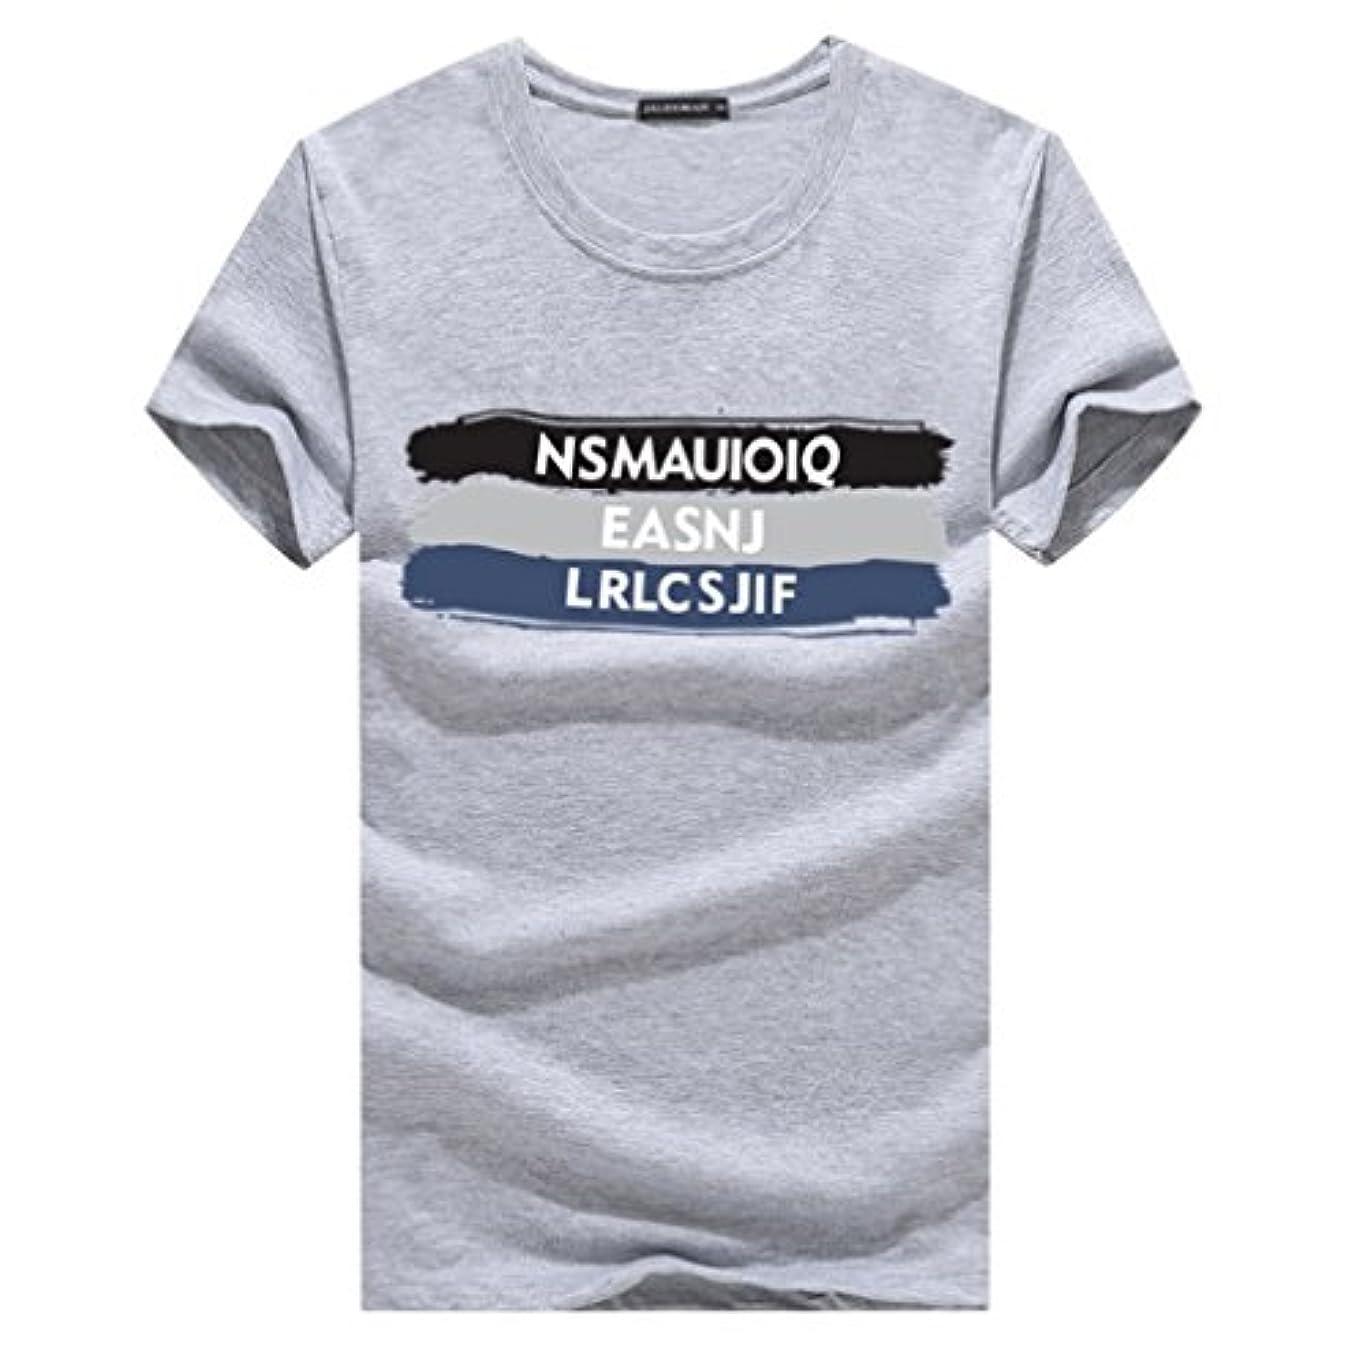 しわ摘むスパークSmaidsxSmile(スマイズ スマイル) トップス Tシャツ カットソー 半袖 シンプル 丸首 Uネック ロゴ 英字 柄 メンズ